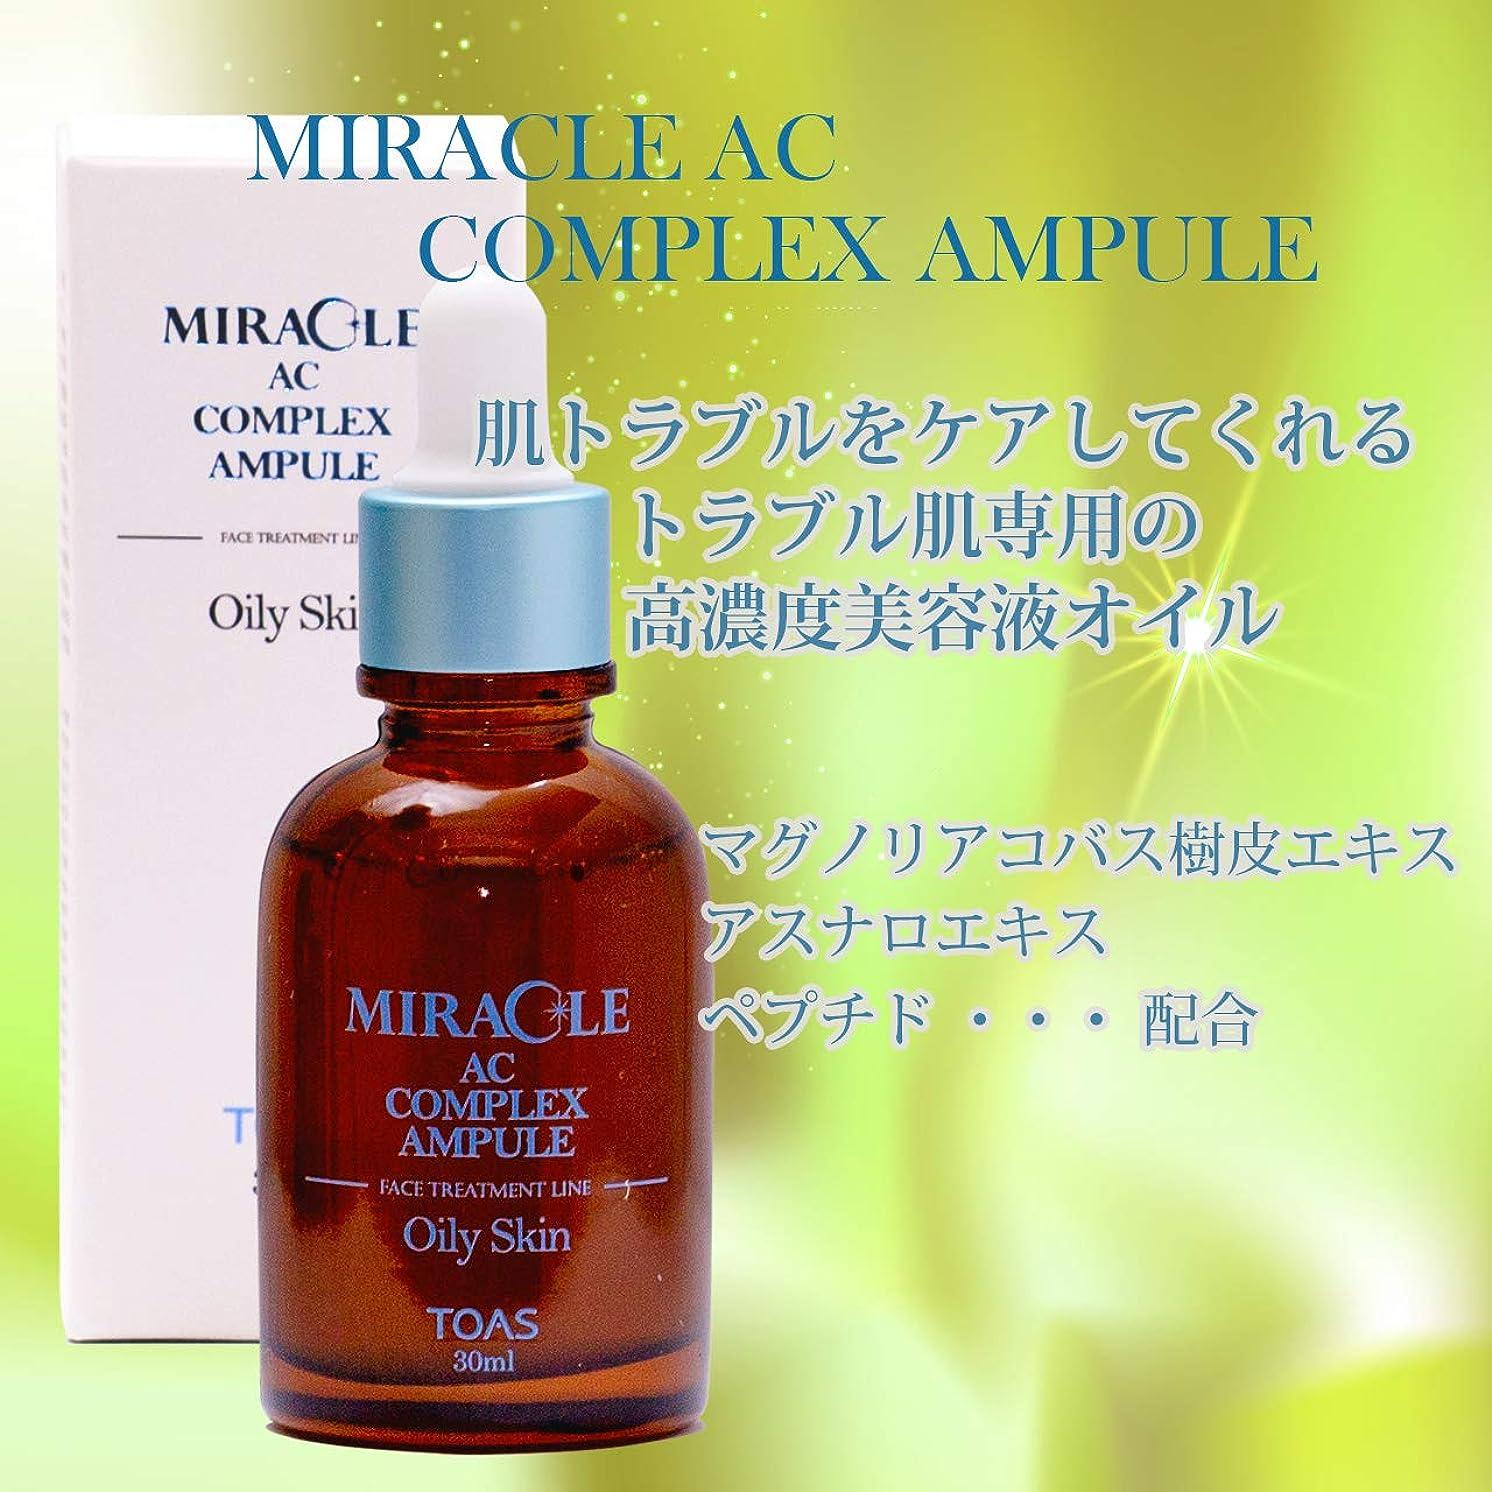 いらいらするうれしいうんざりTOAS ミラクルACコンプレックス?アンプル30ml トラブル肌を解消 高密度美容液オイル